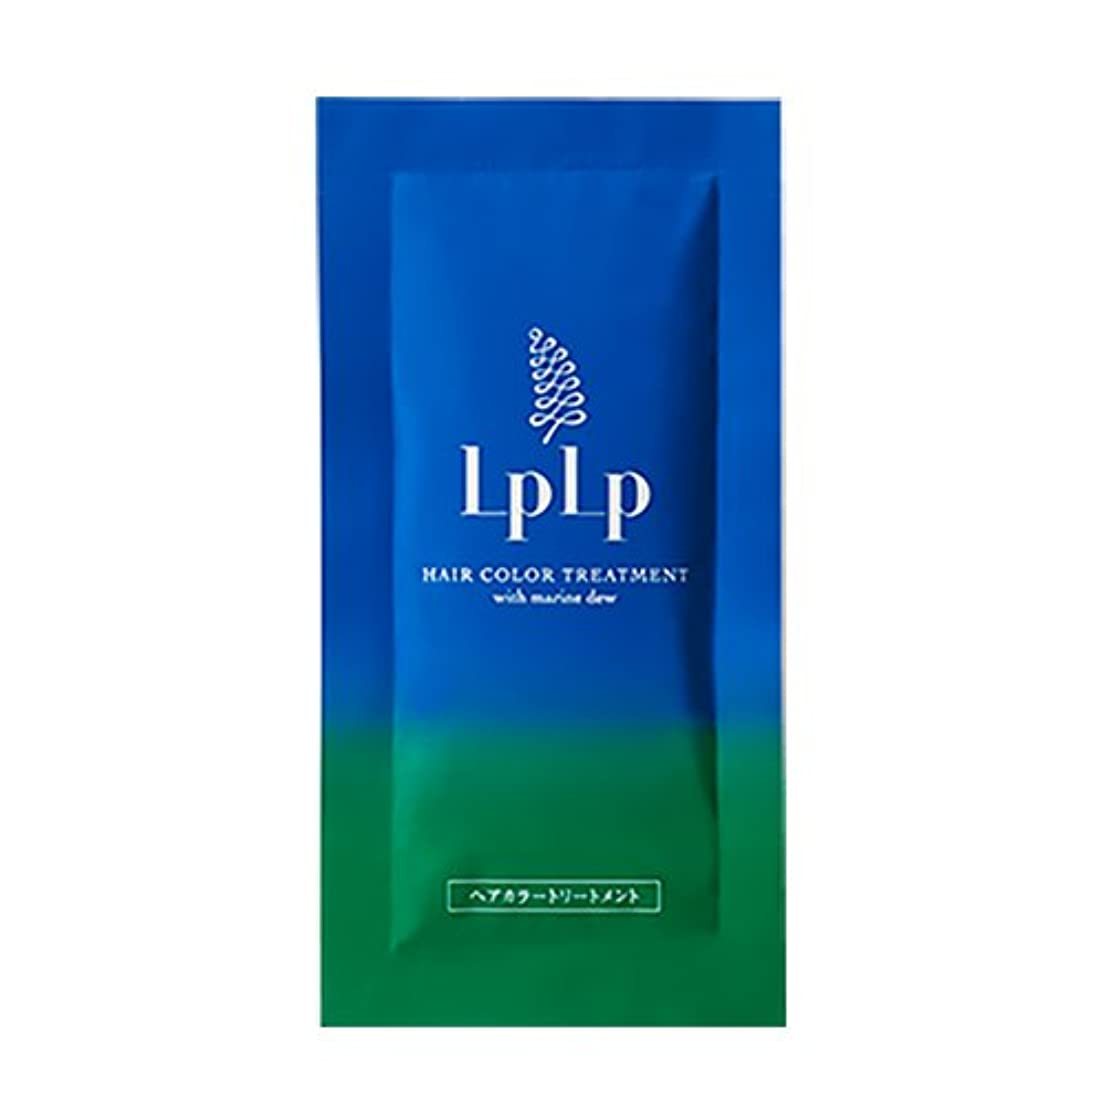 精度タブレットお酢LPLP(ルプルプ)ヘアカラートリートメントお試しパウチ ソフトブラック